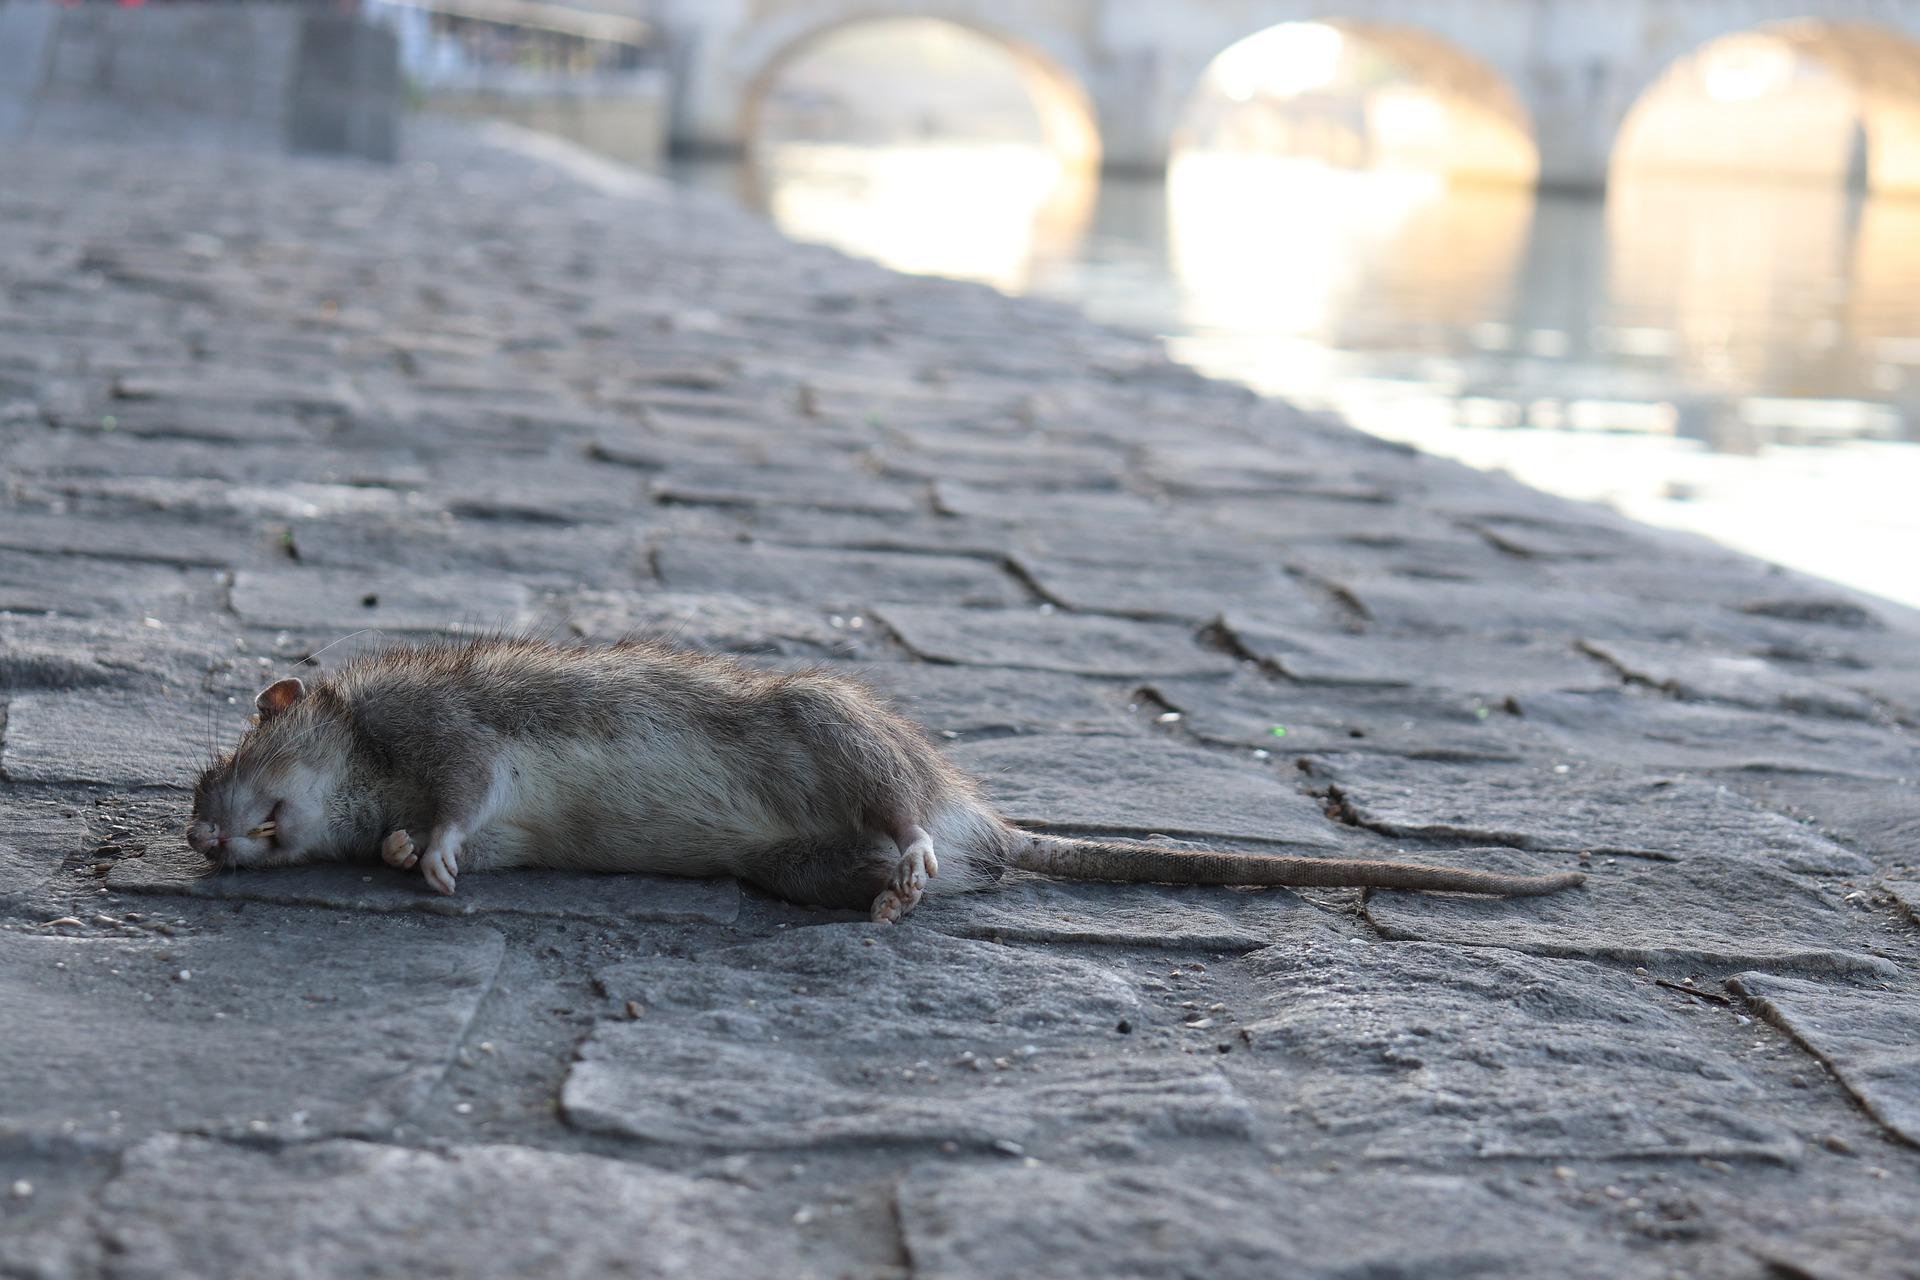 Le Rat Boulangerie et sa Transmission de Maladies